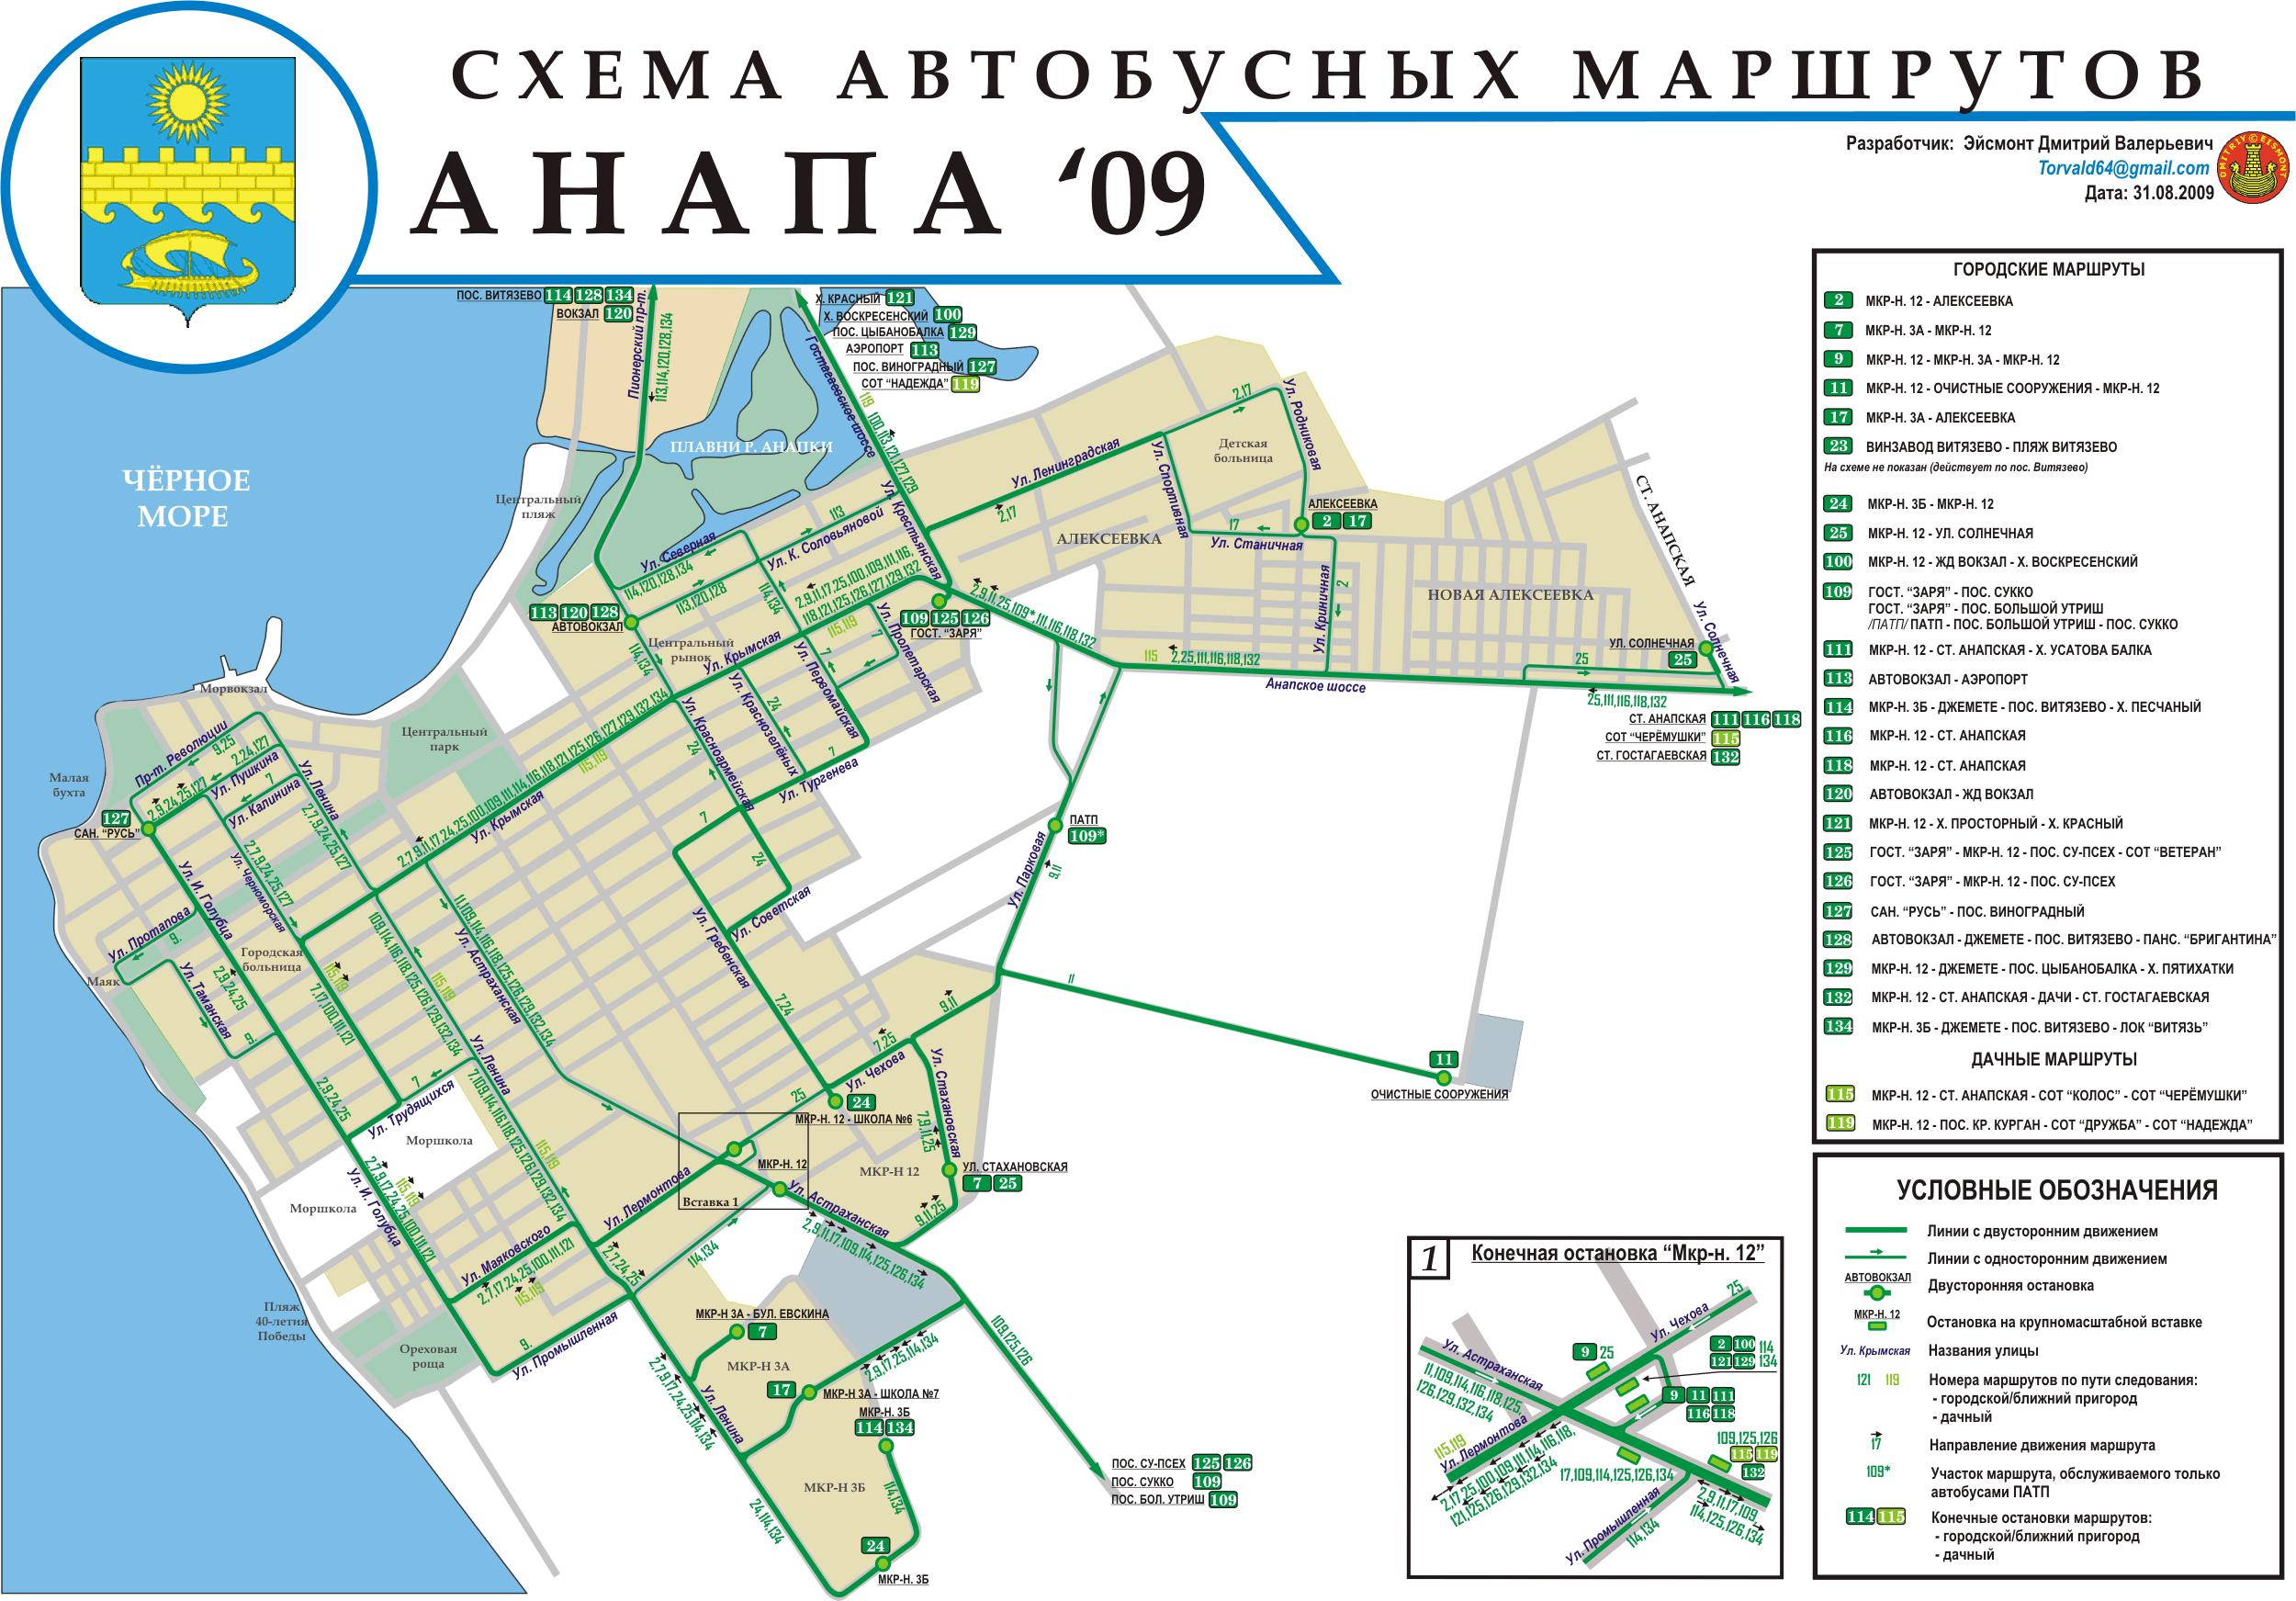 Схемы движения маршрутные анапа